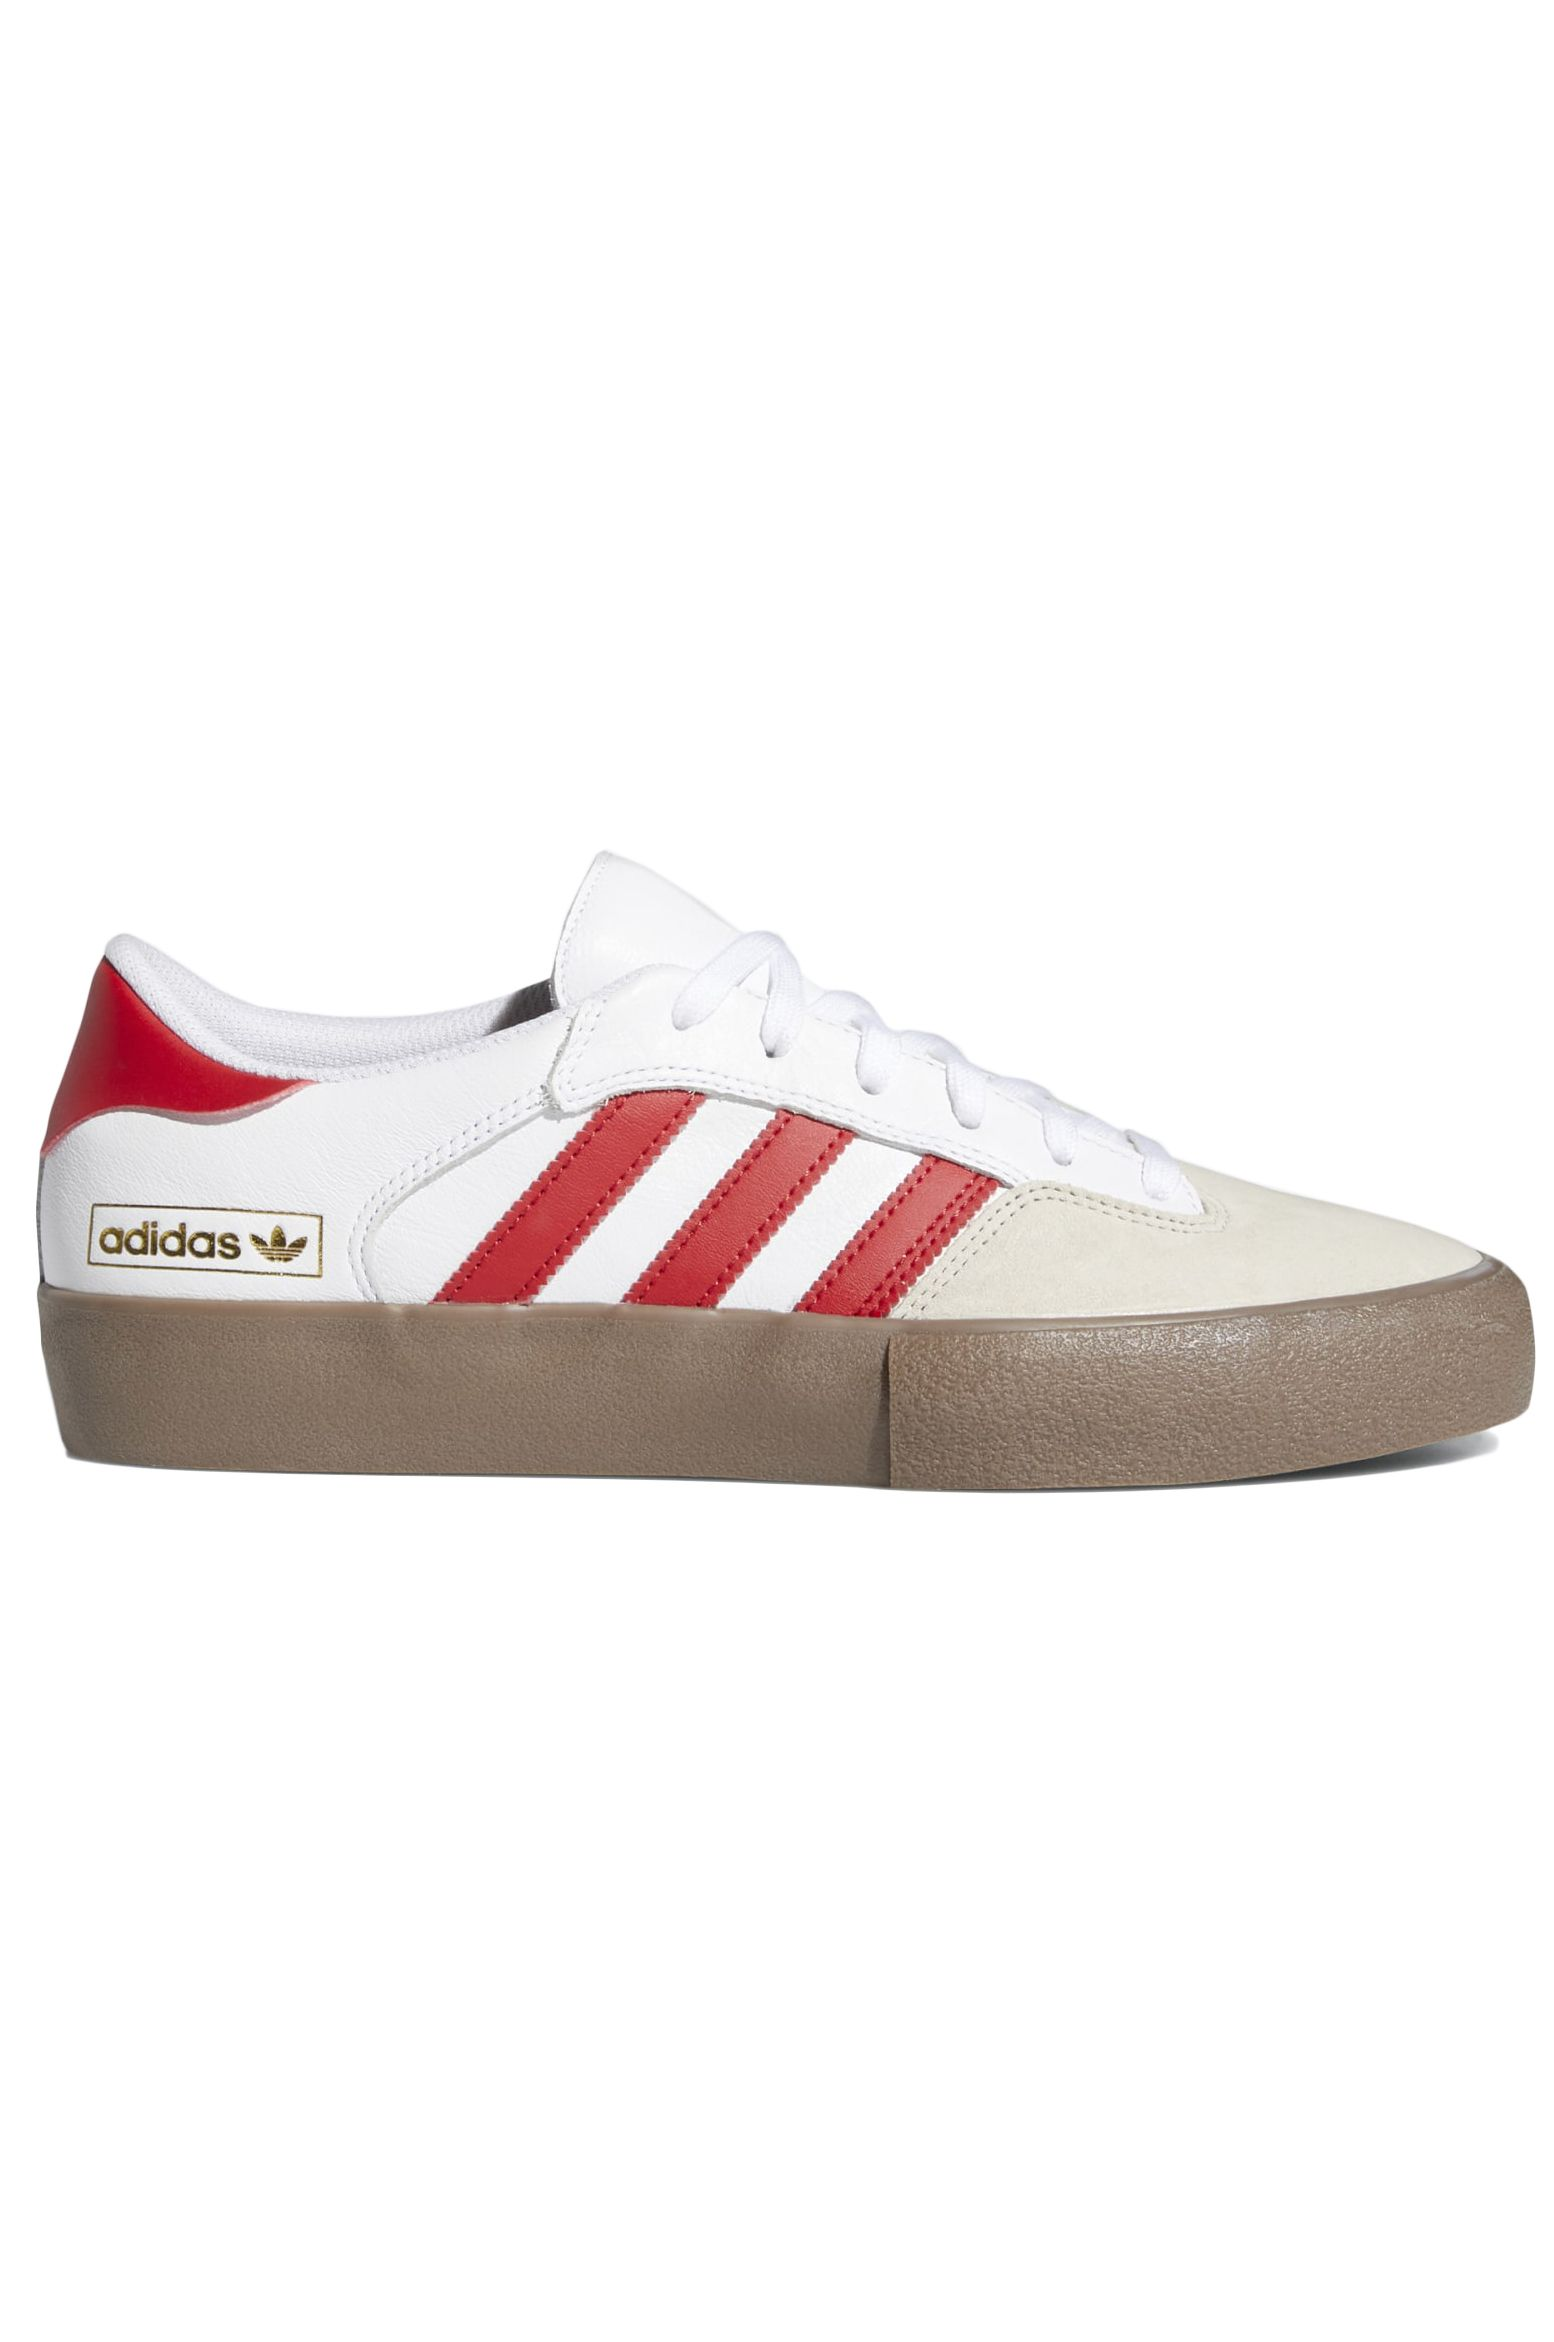 Tenis Adidas MATCHBREAK SUPER Ftwr White/Power Red/Gum5